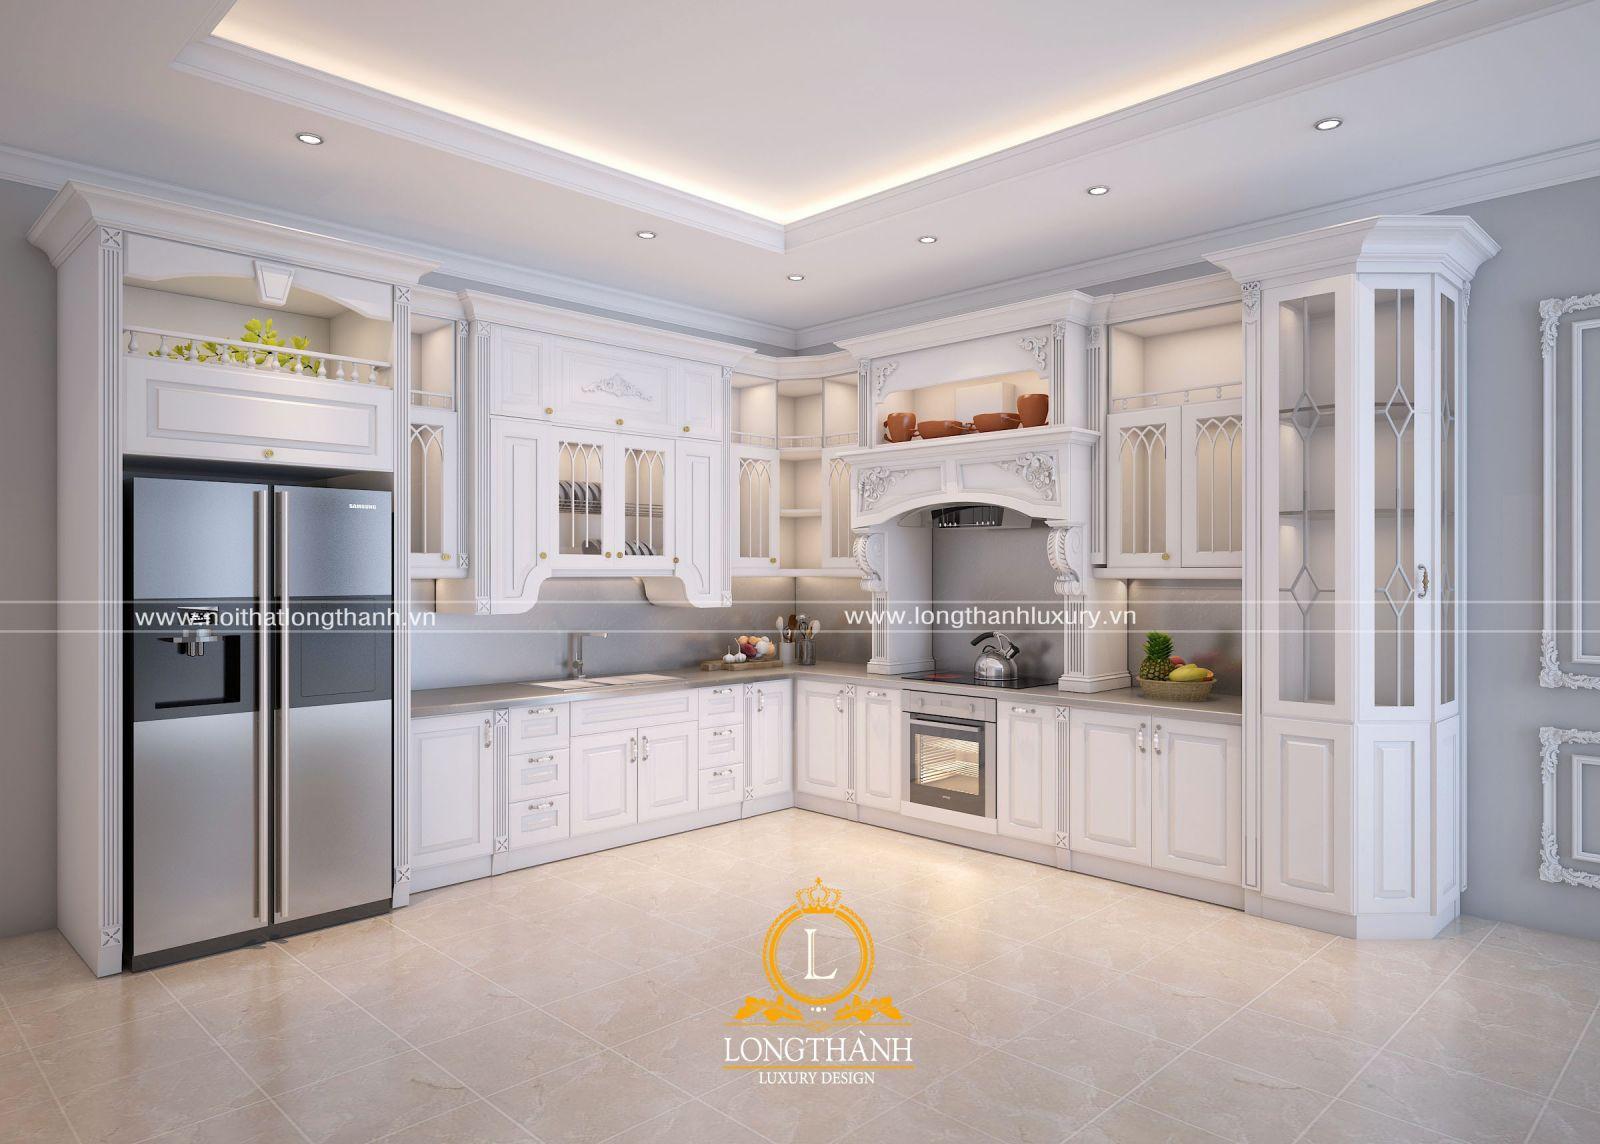 Màu trắng sẽ khiến không gian phòng bếp thêm rộng rãi, sáng sủa hơn